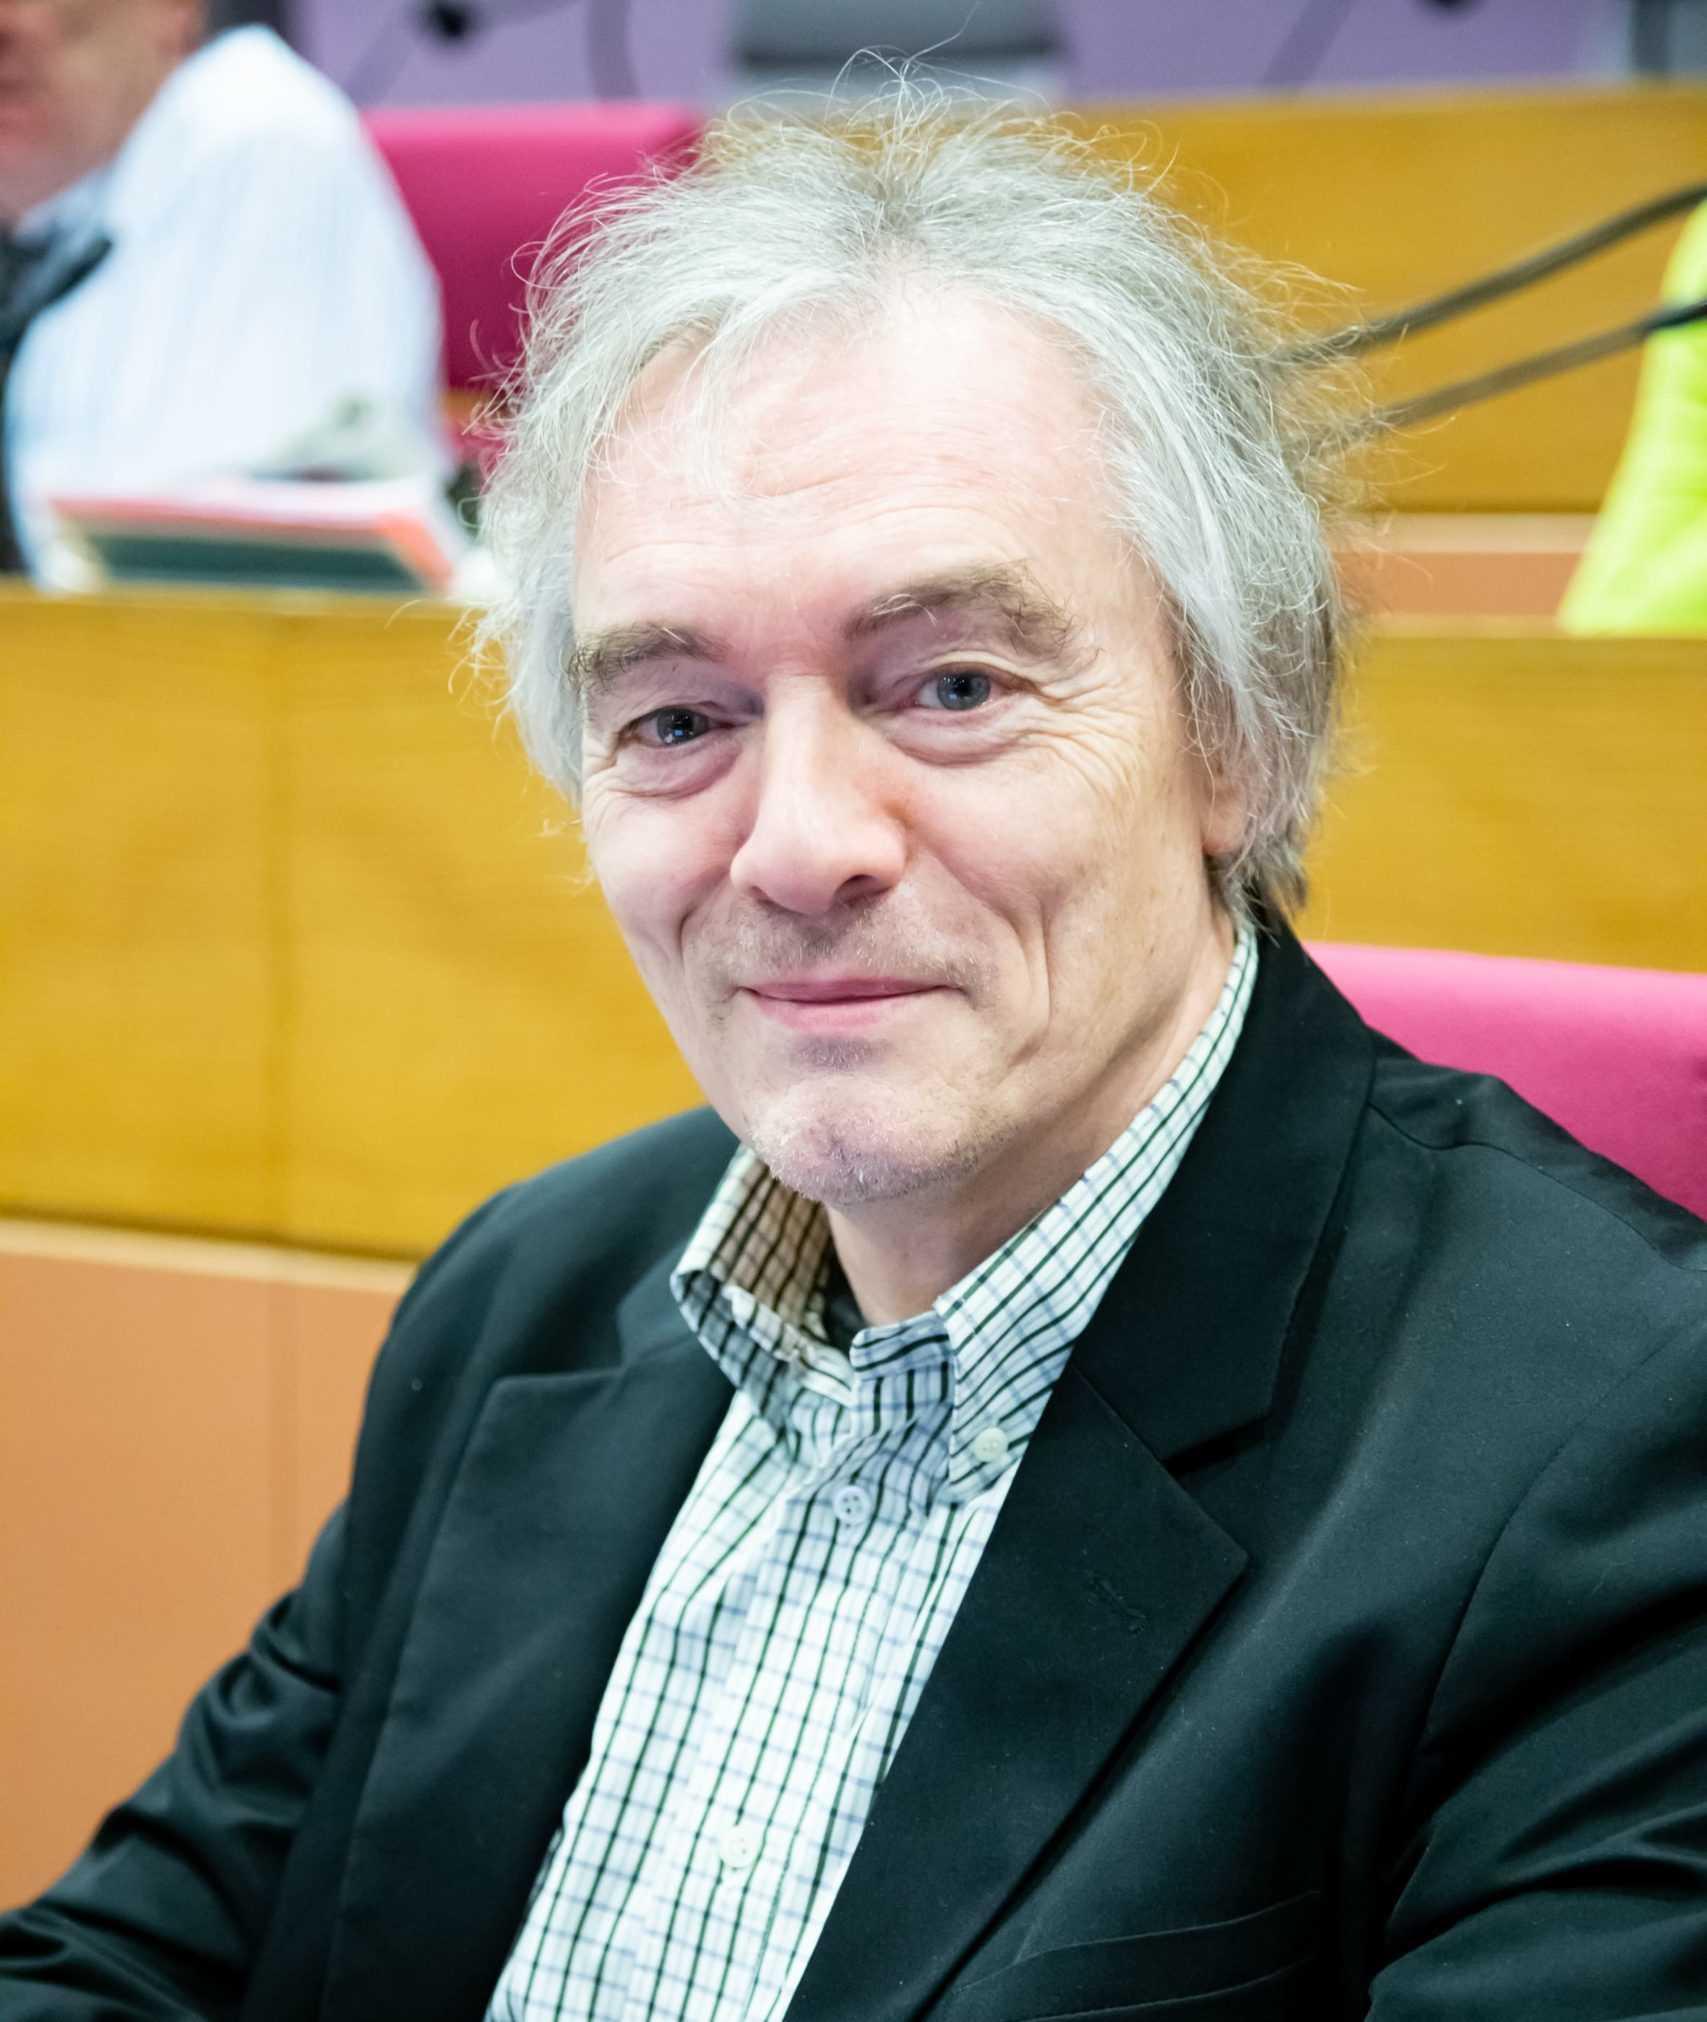 Portrait de Dominique Ruffié, vice-président du Ceser Île-de-France